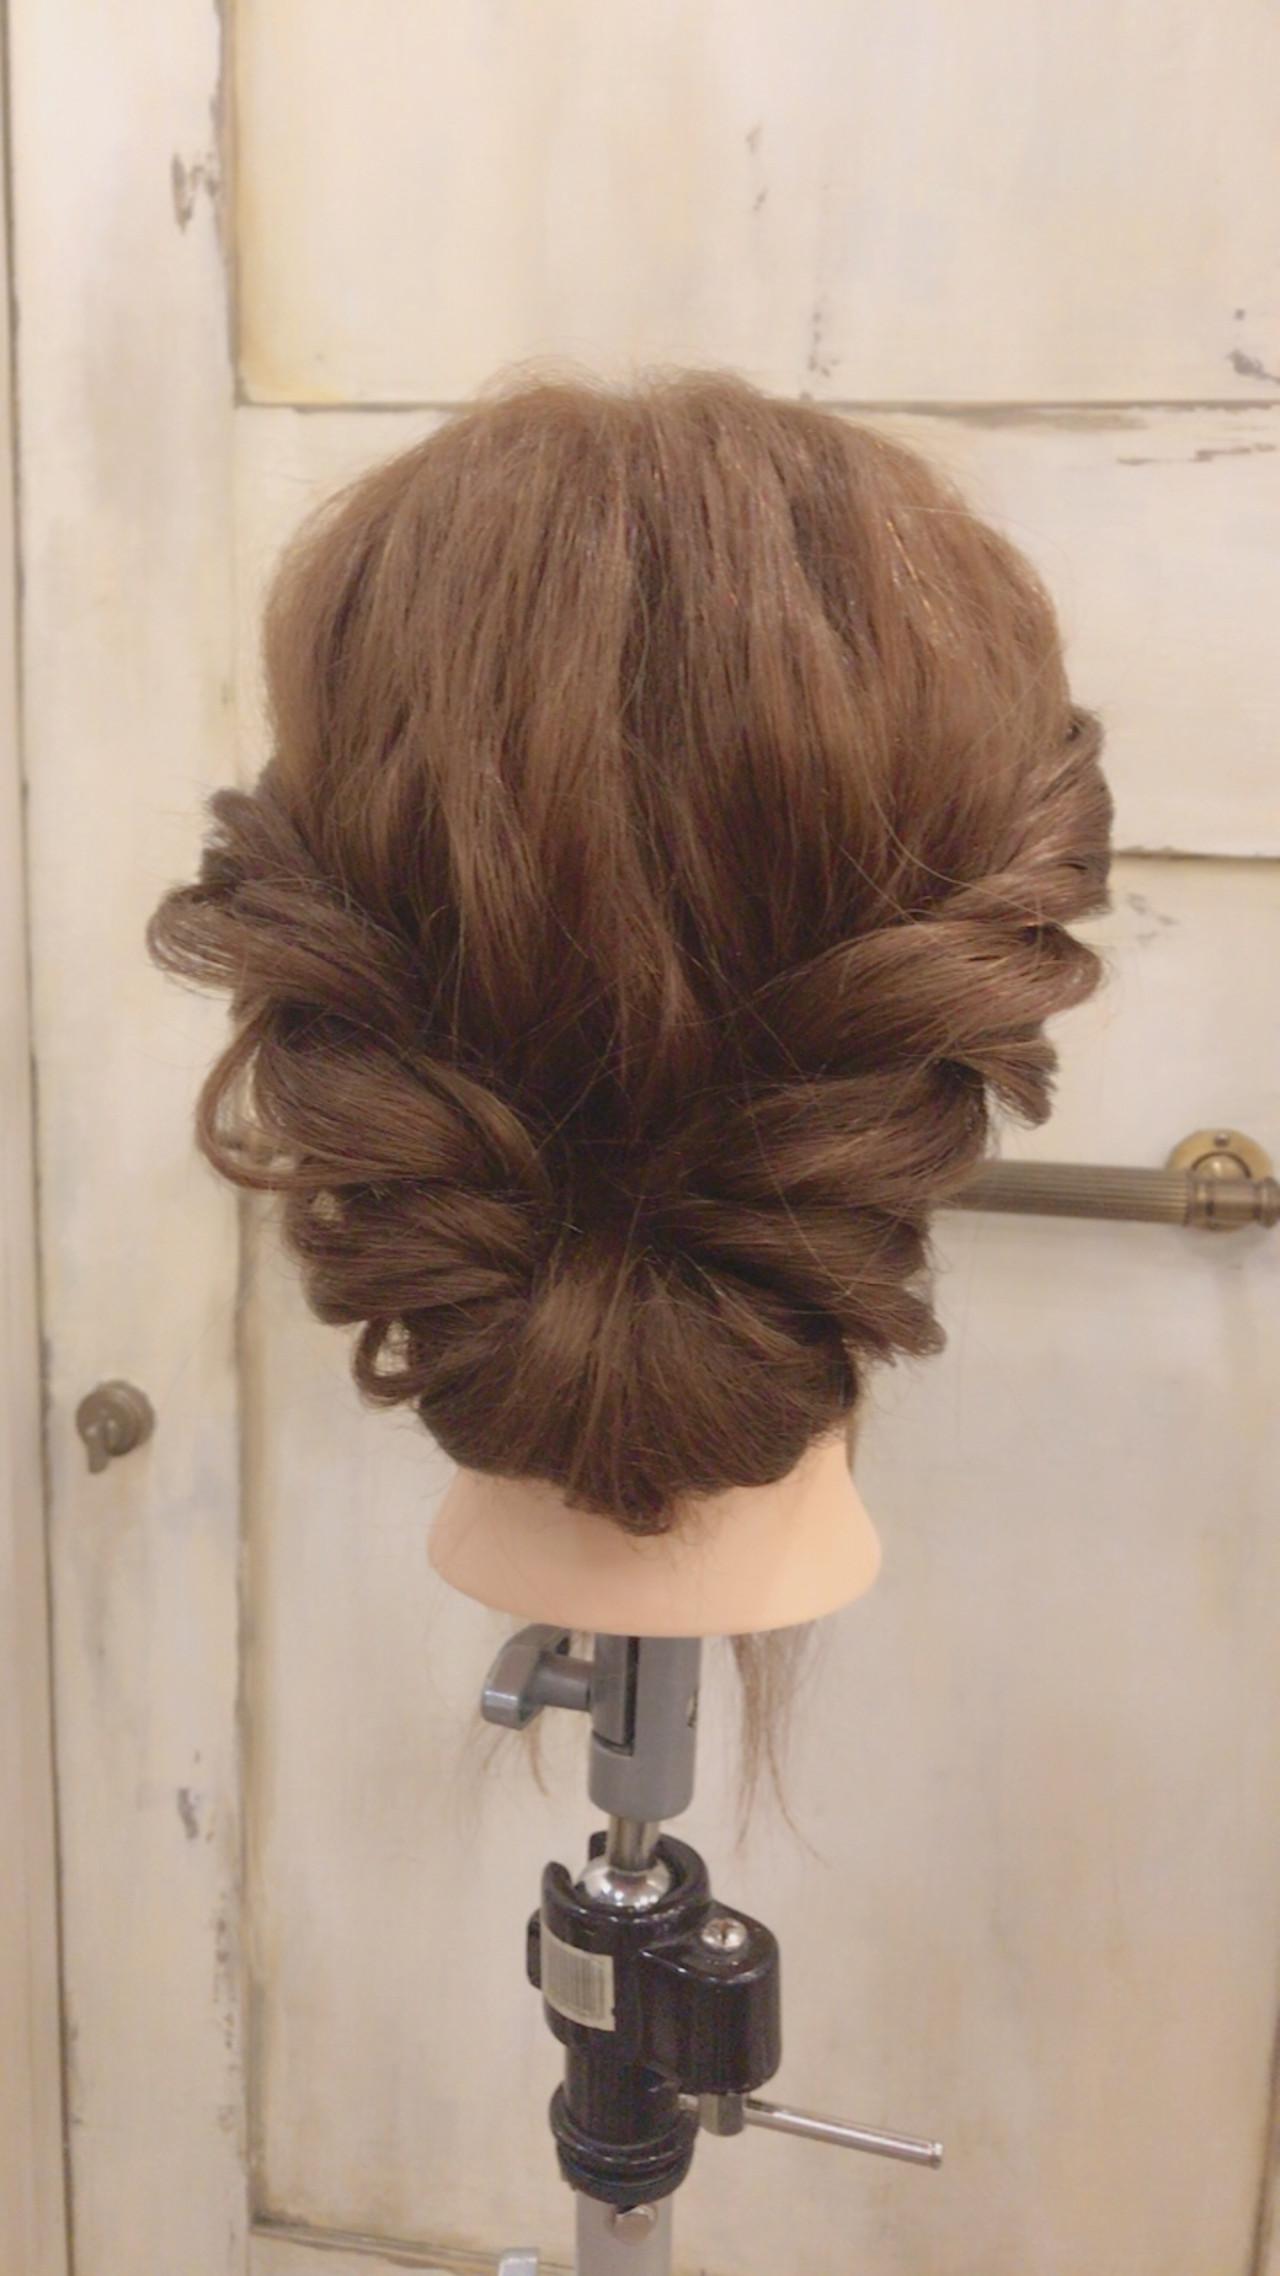 簡単ヘアアレンジ 大人女子 ショート 結婚式 ヘアスタイルや髪型の写真・画像 | 伊藤絵里子 / moon hair styling salon